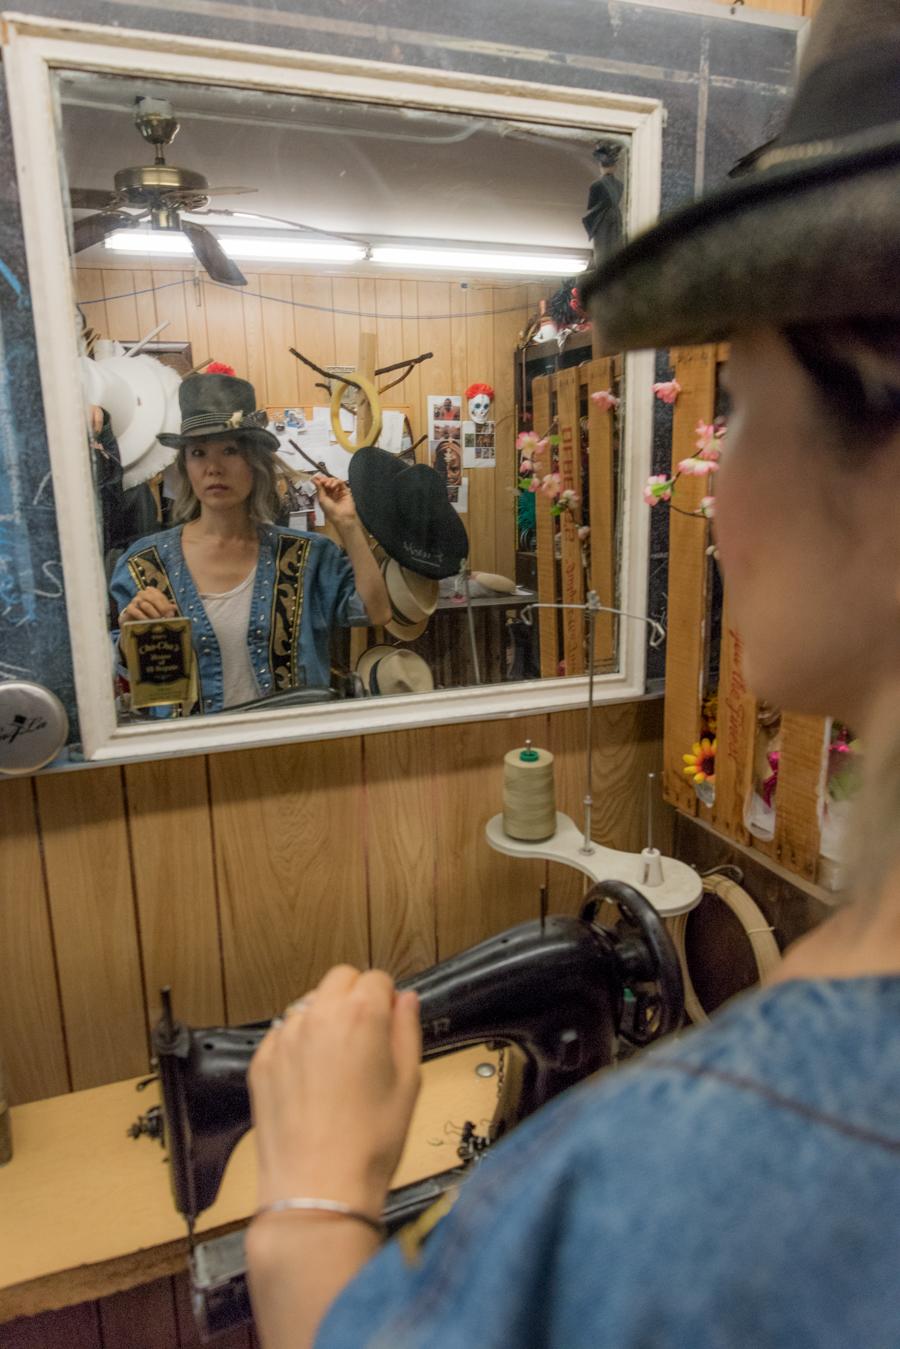 Custom Made Summer Hat At Cha-Cha House メイドインニューヨークオーダーメイドハット! 3